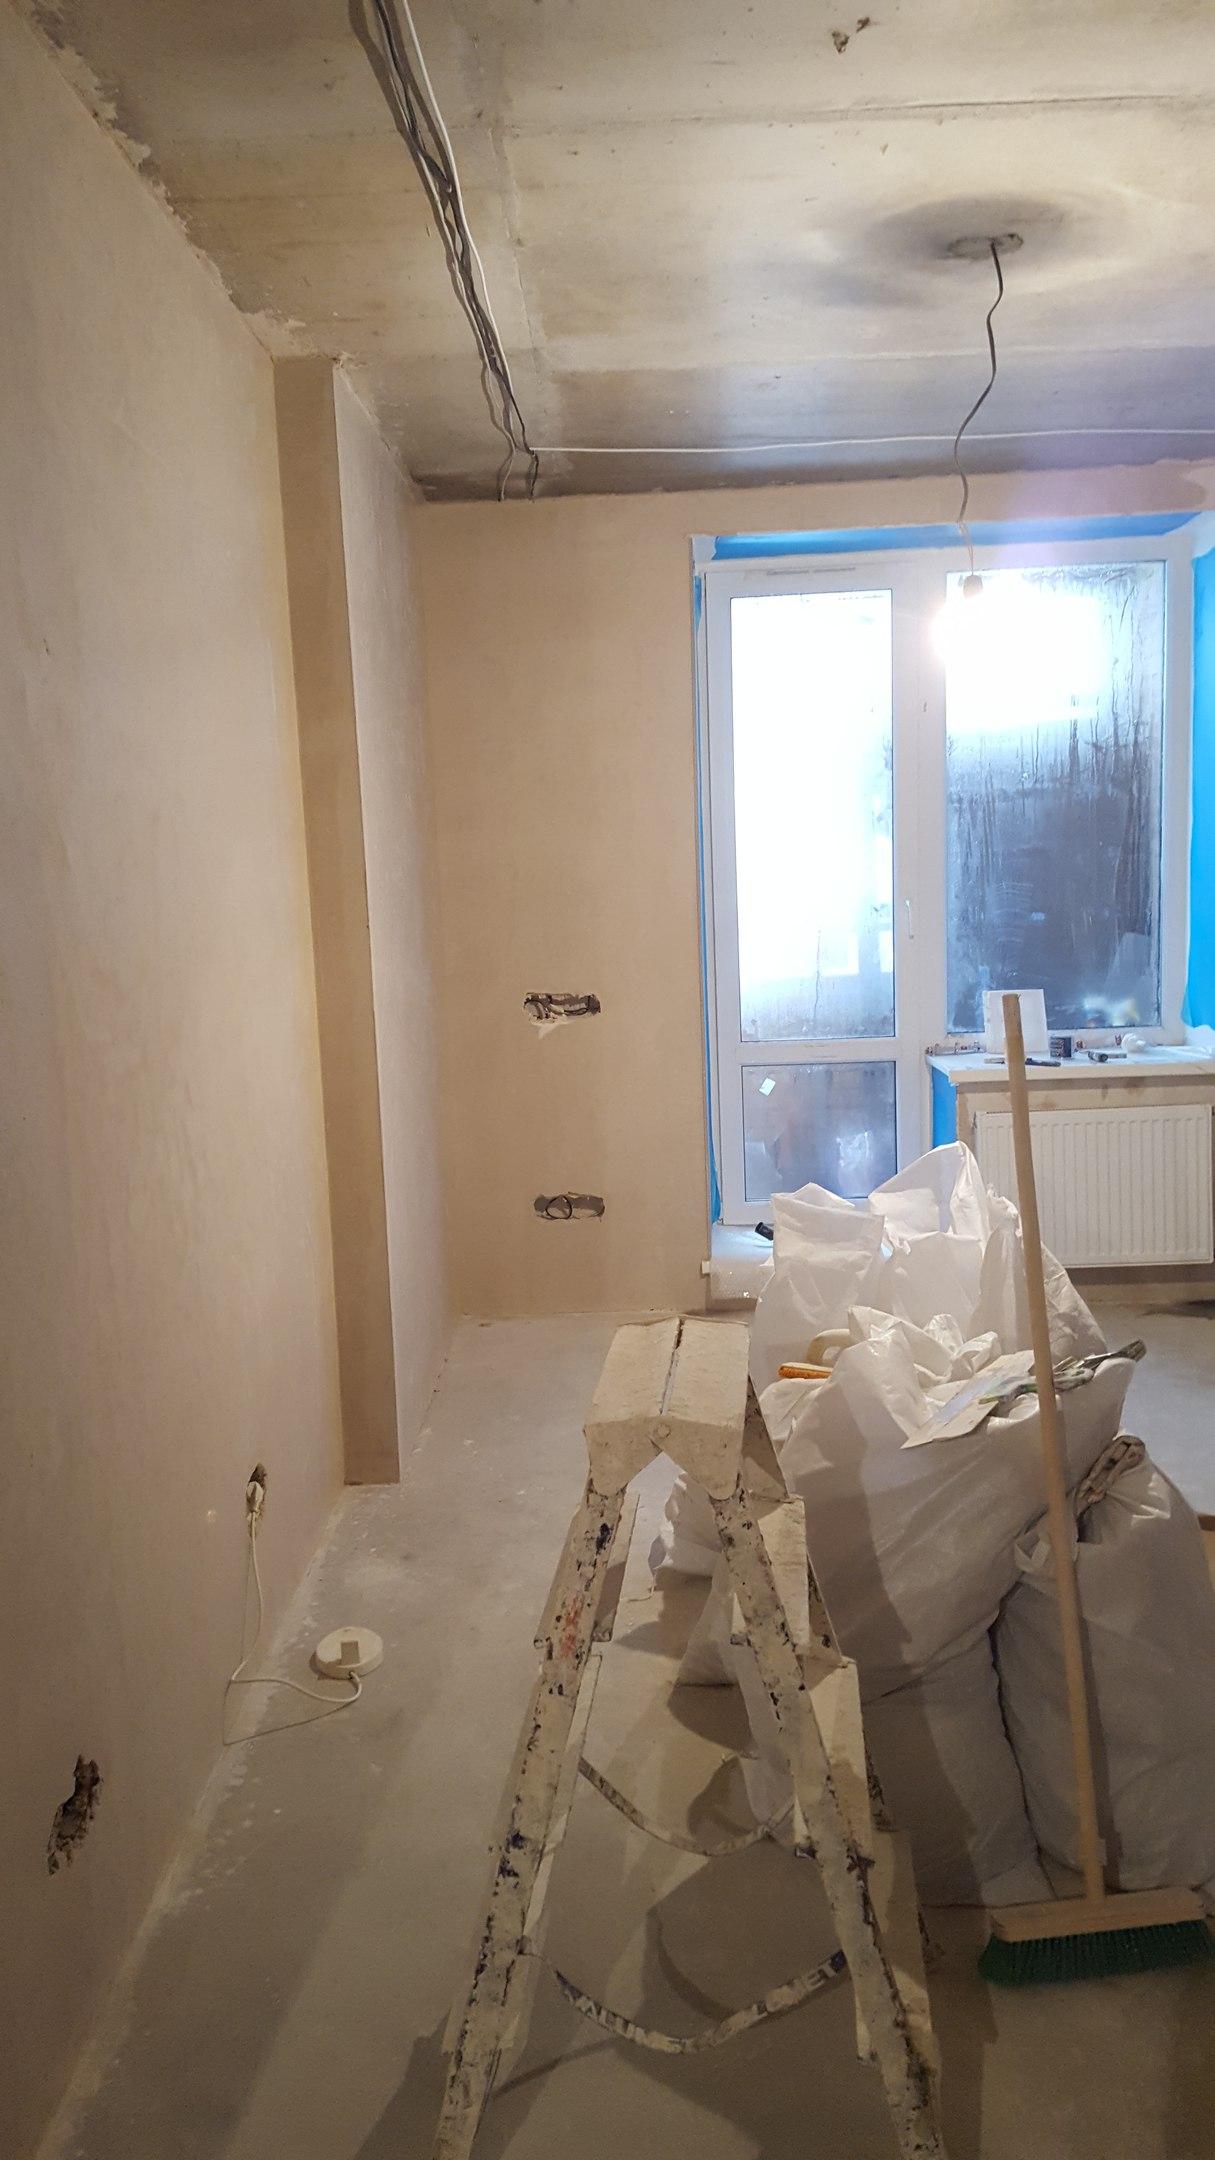 Картинки ремонт квартиры своими руками фото